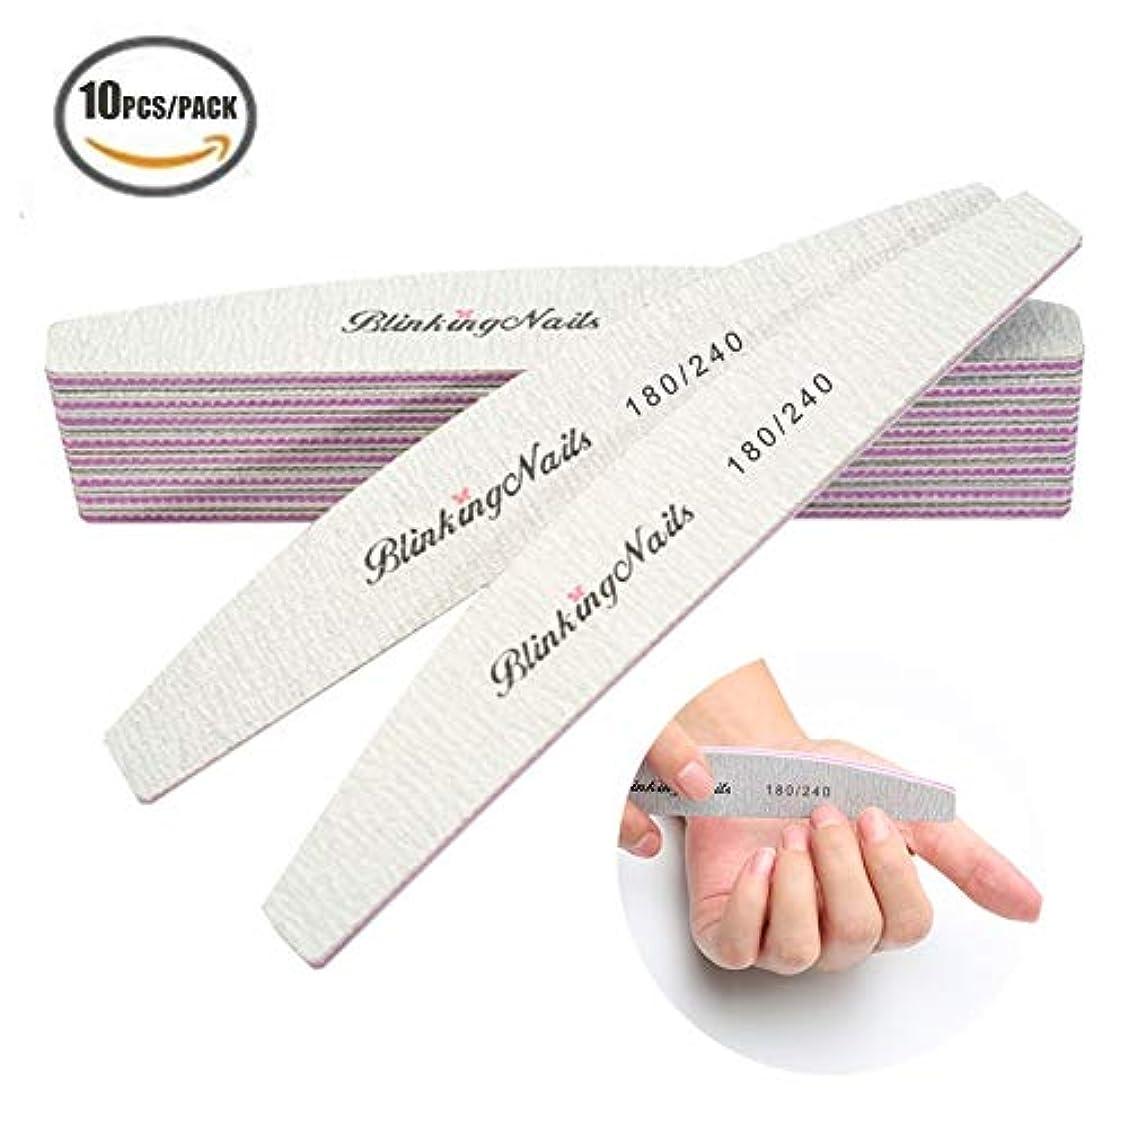 真夜中確保するきれいに研磨ツール 爪やすり ネイルシャイナー ネイルケア 携帯に便利です 水洗いできます 洗濯可プロネイルやすり 10本入 180/240砂